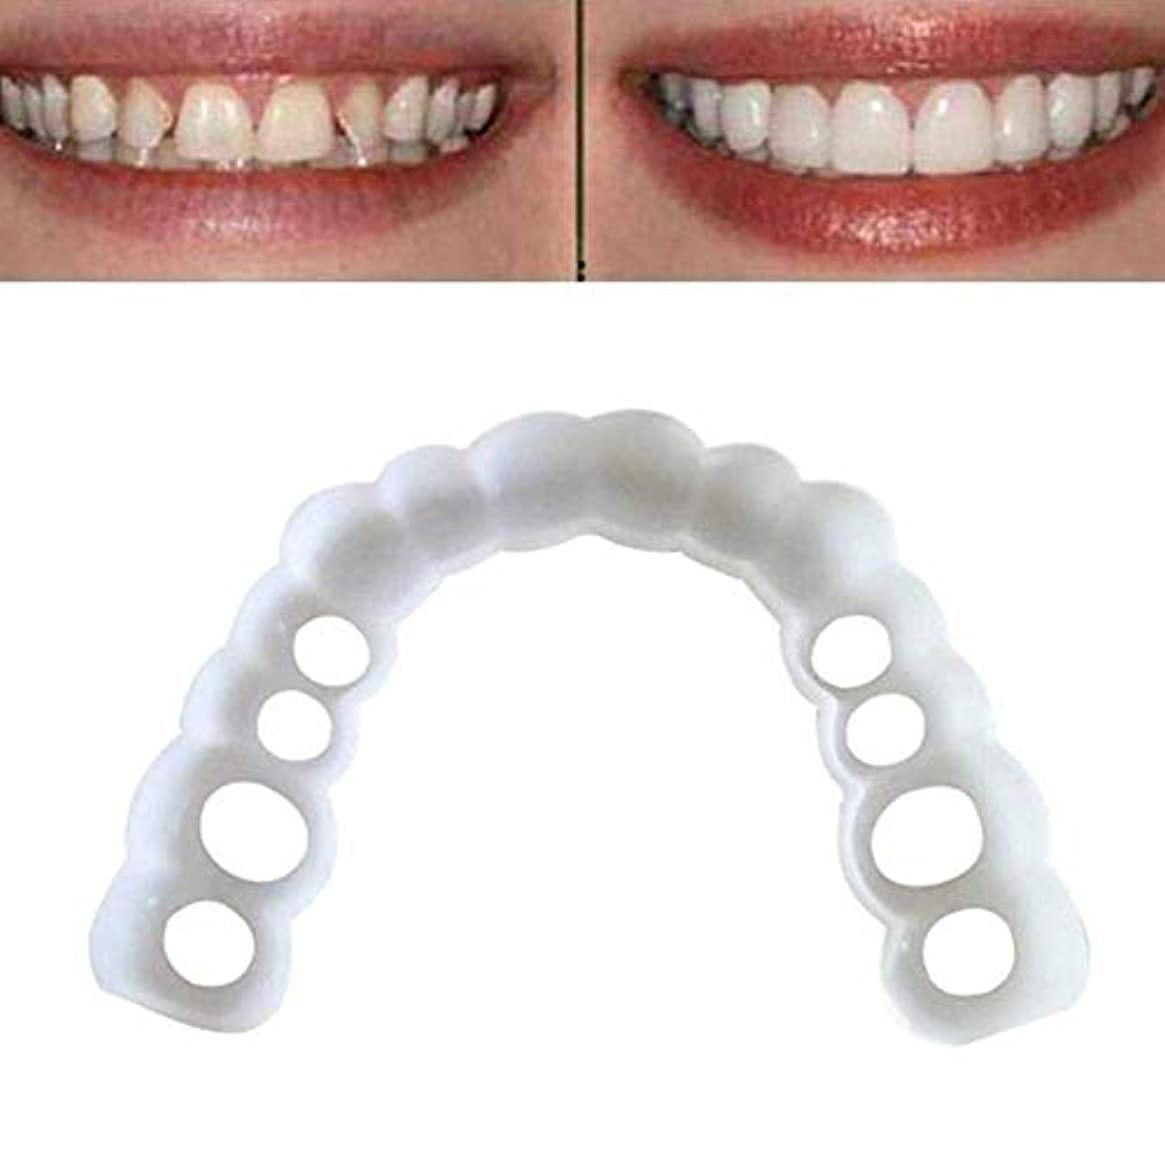 アカデミックところでロック解除化粧品偽歯の3ペアは、快適な欠落タフ歯のベニアカバー不規則、染色し、ひび割れた歯を取り付け